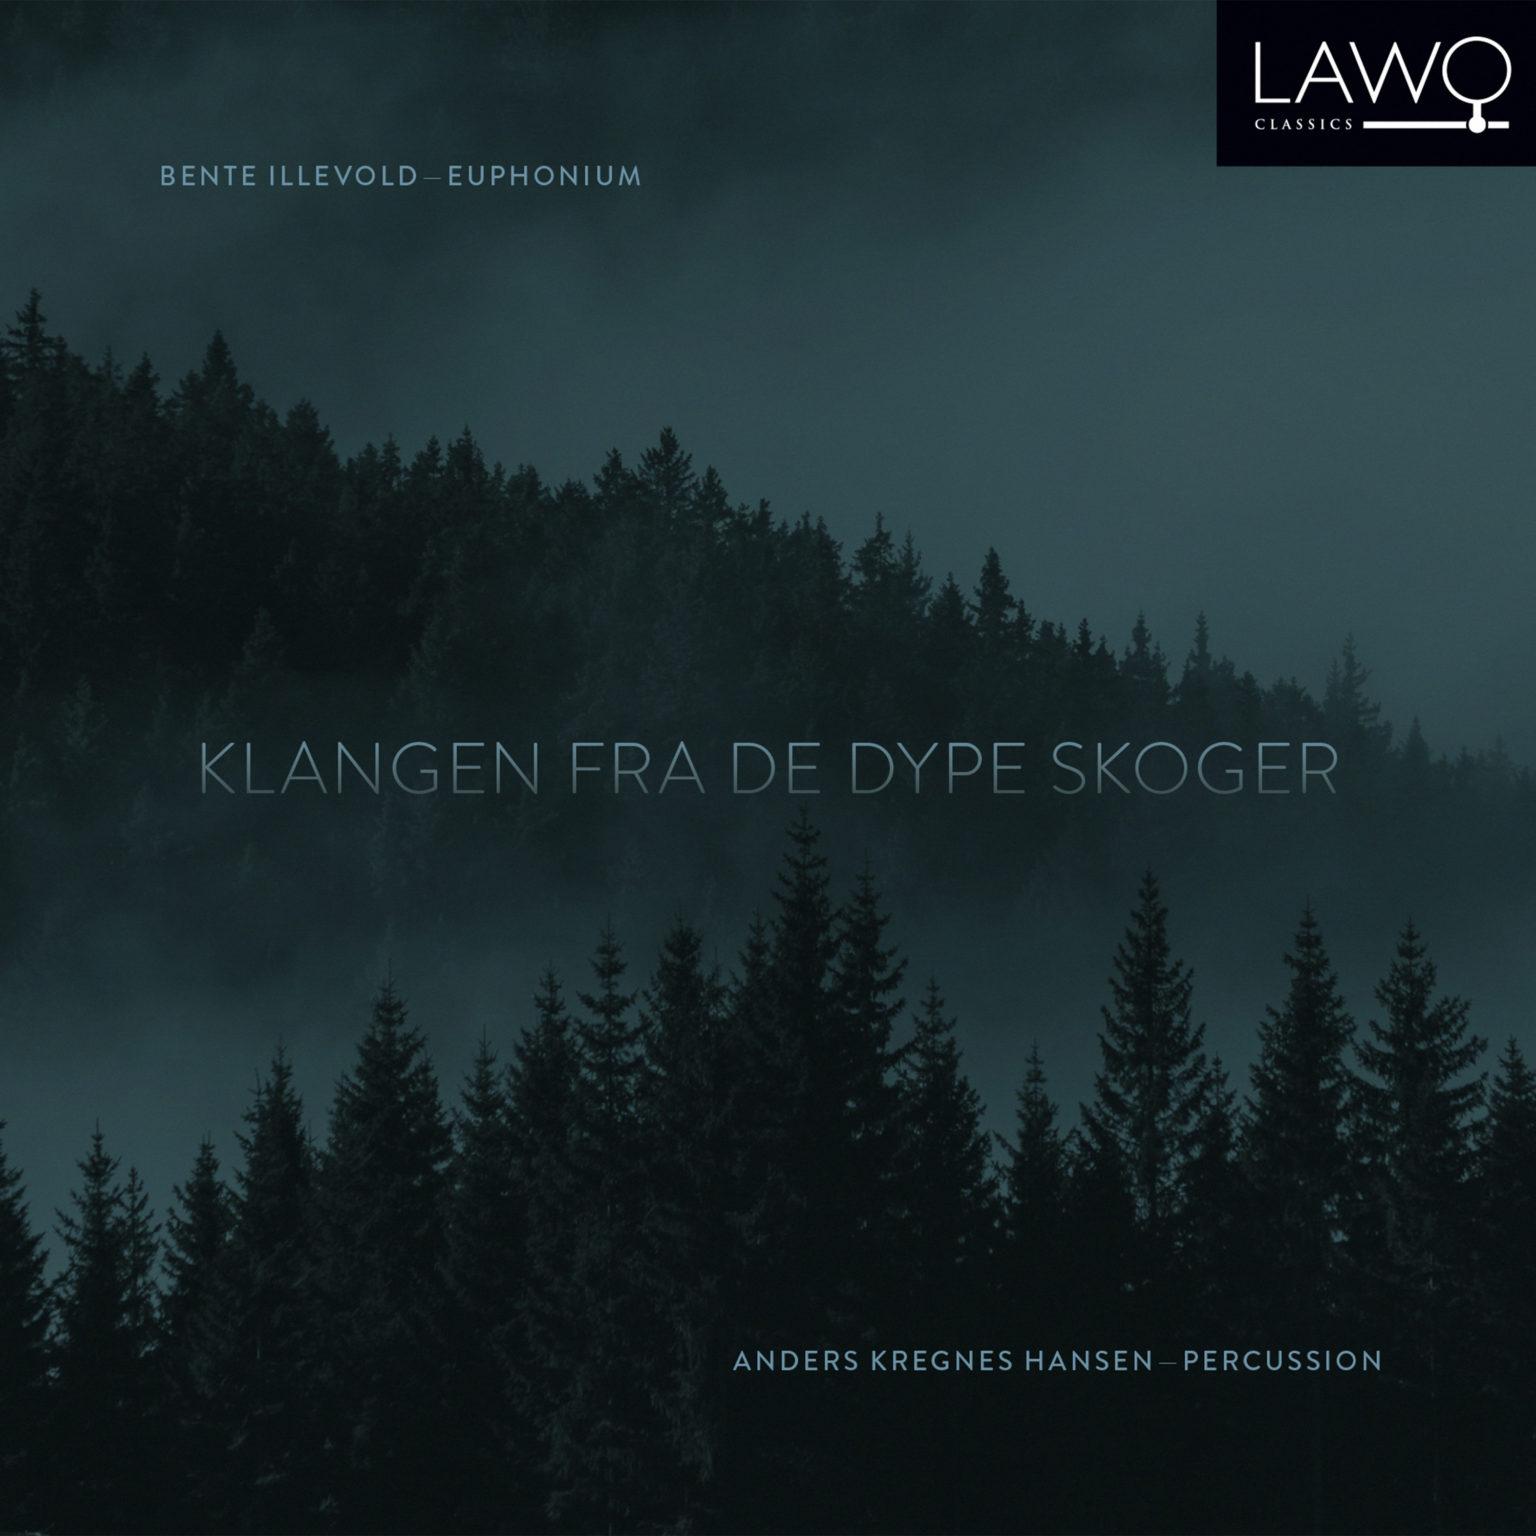 Click image for larger version.  Name:LWC1195_Bente_Illevold_Klangen_fra_de_dype_skoger_cover_3000x3000px-1536x1536.jpg Views:148 Size:174.8 KB ID:7720